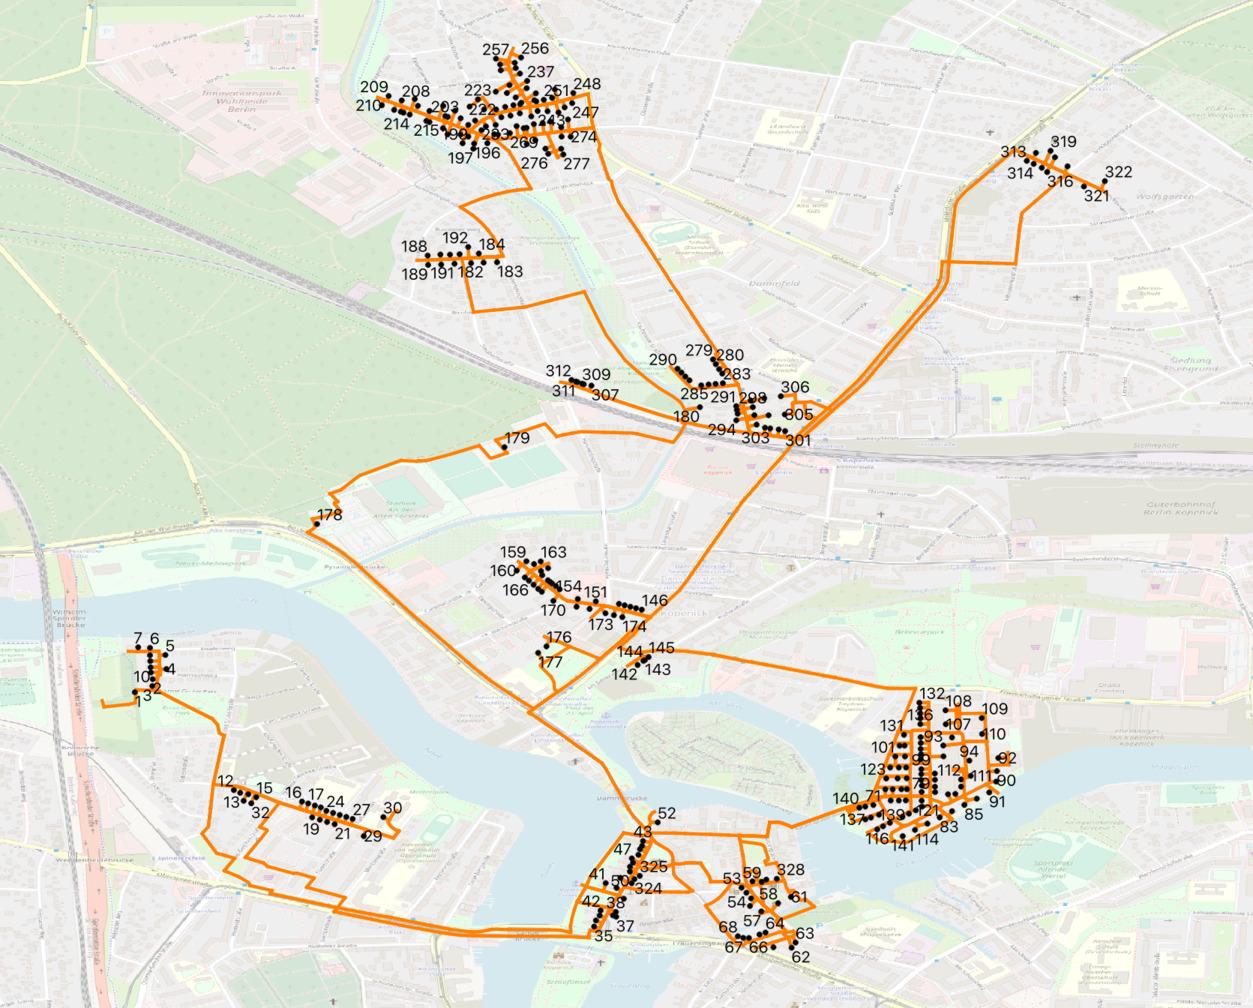 Делаем маршрутизацию (роутинг) на OpenStreetMap. Добавляем поддержку односторонних дорог